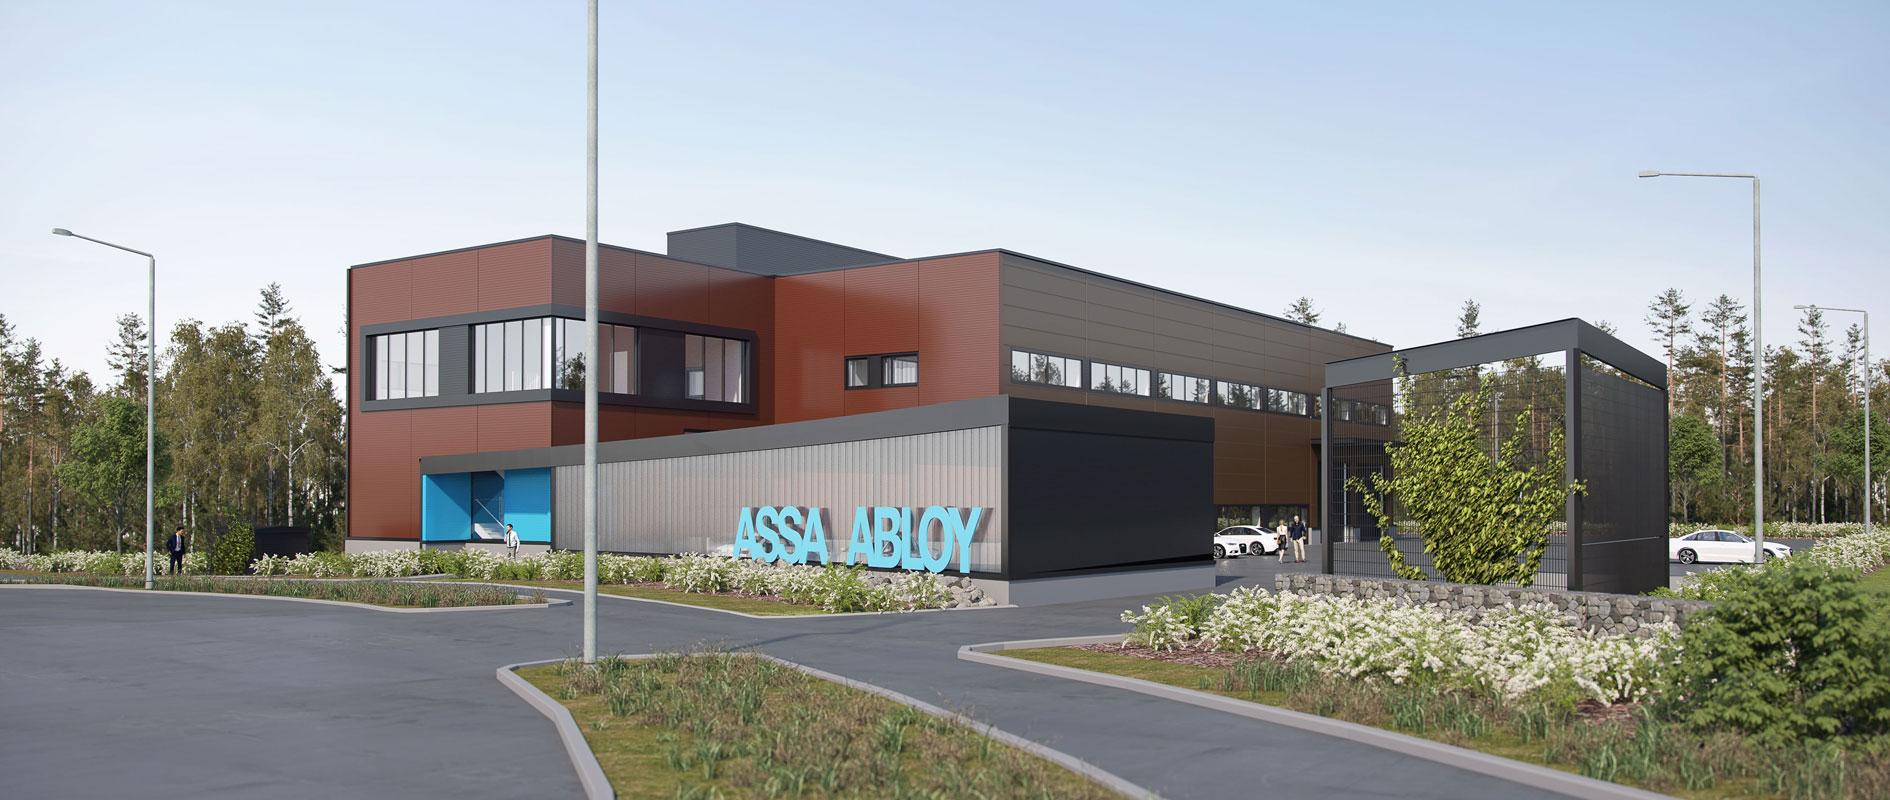 Assa Abloy toimitilat Härkähaantie 9 Vantaa